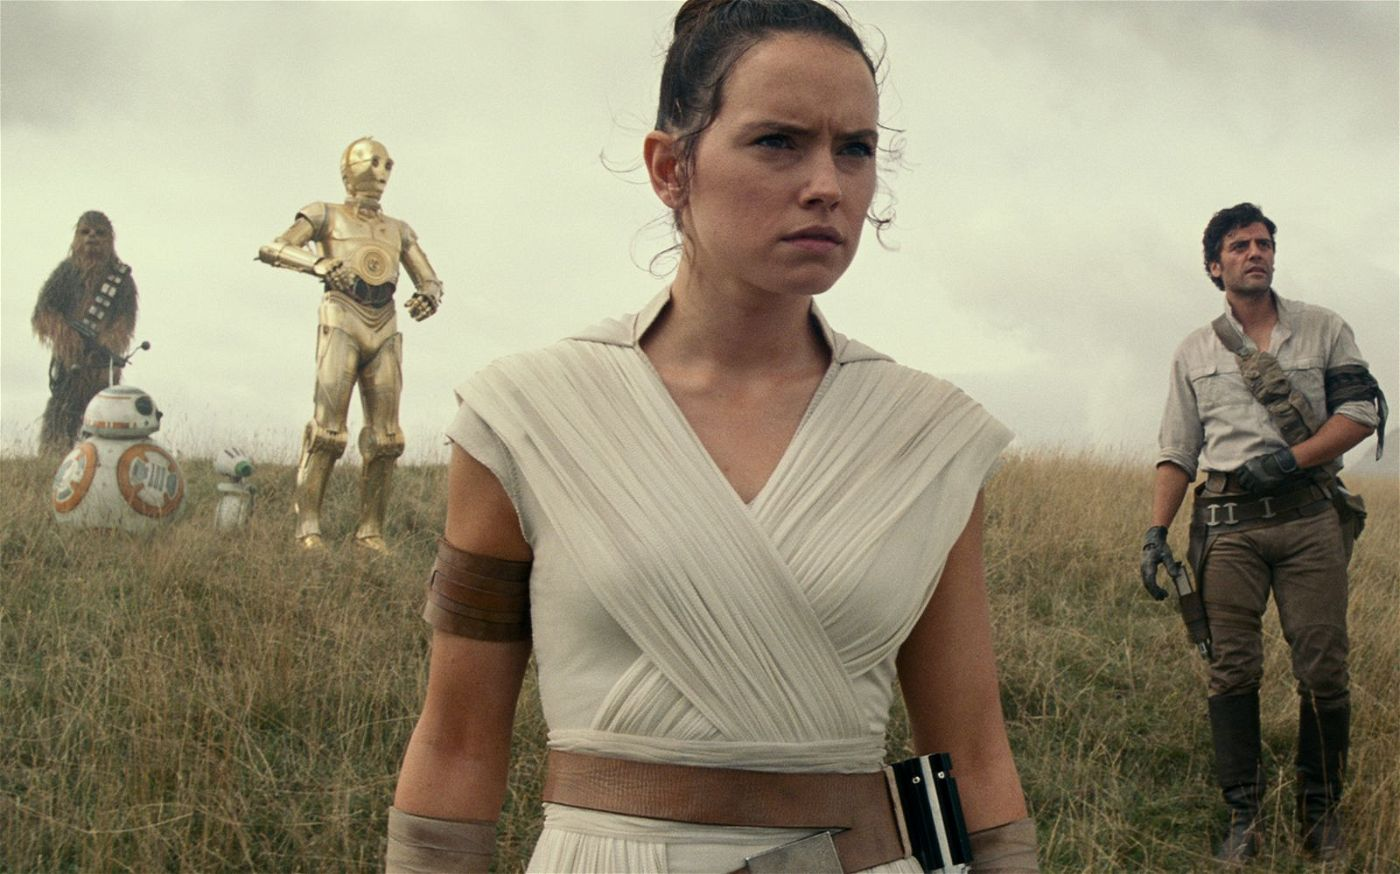 Von links: Chewbacca (Joonas Suotamo), C-3PO (Anthony Daniels), Rey (Daisy Ridley) und Poe (Oscar Isaac) gehen Hinweisen nach, die sie zum Imperator führen sollen.